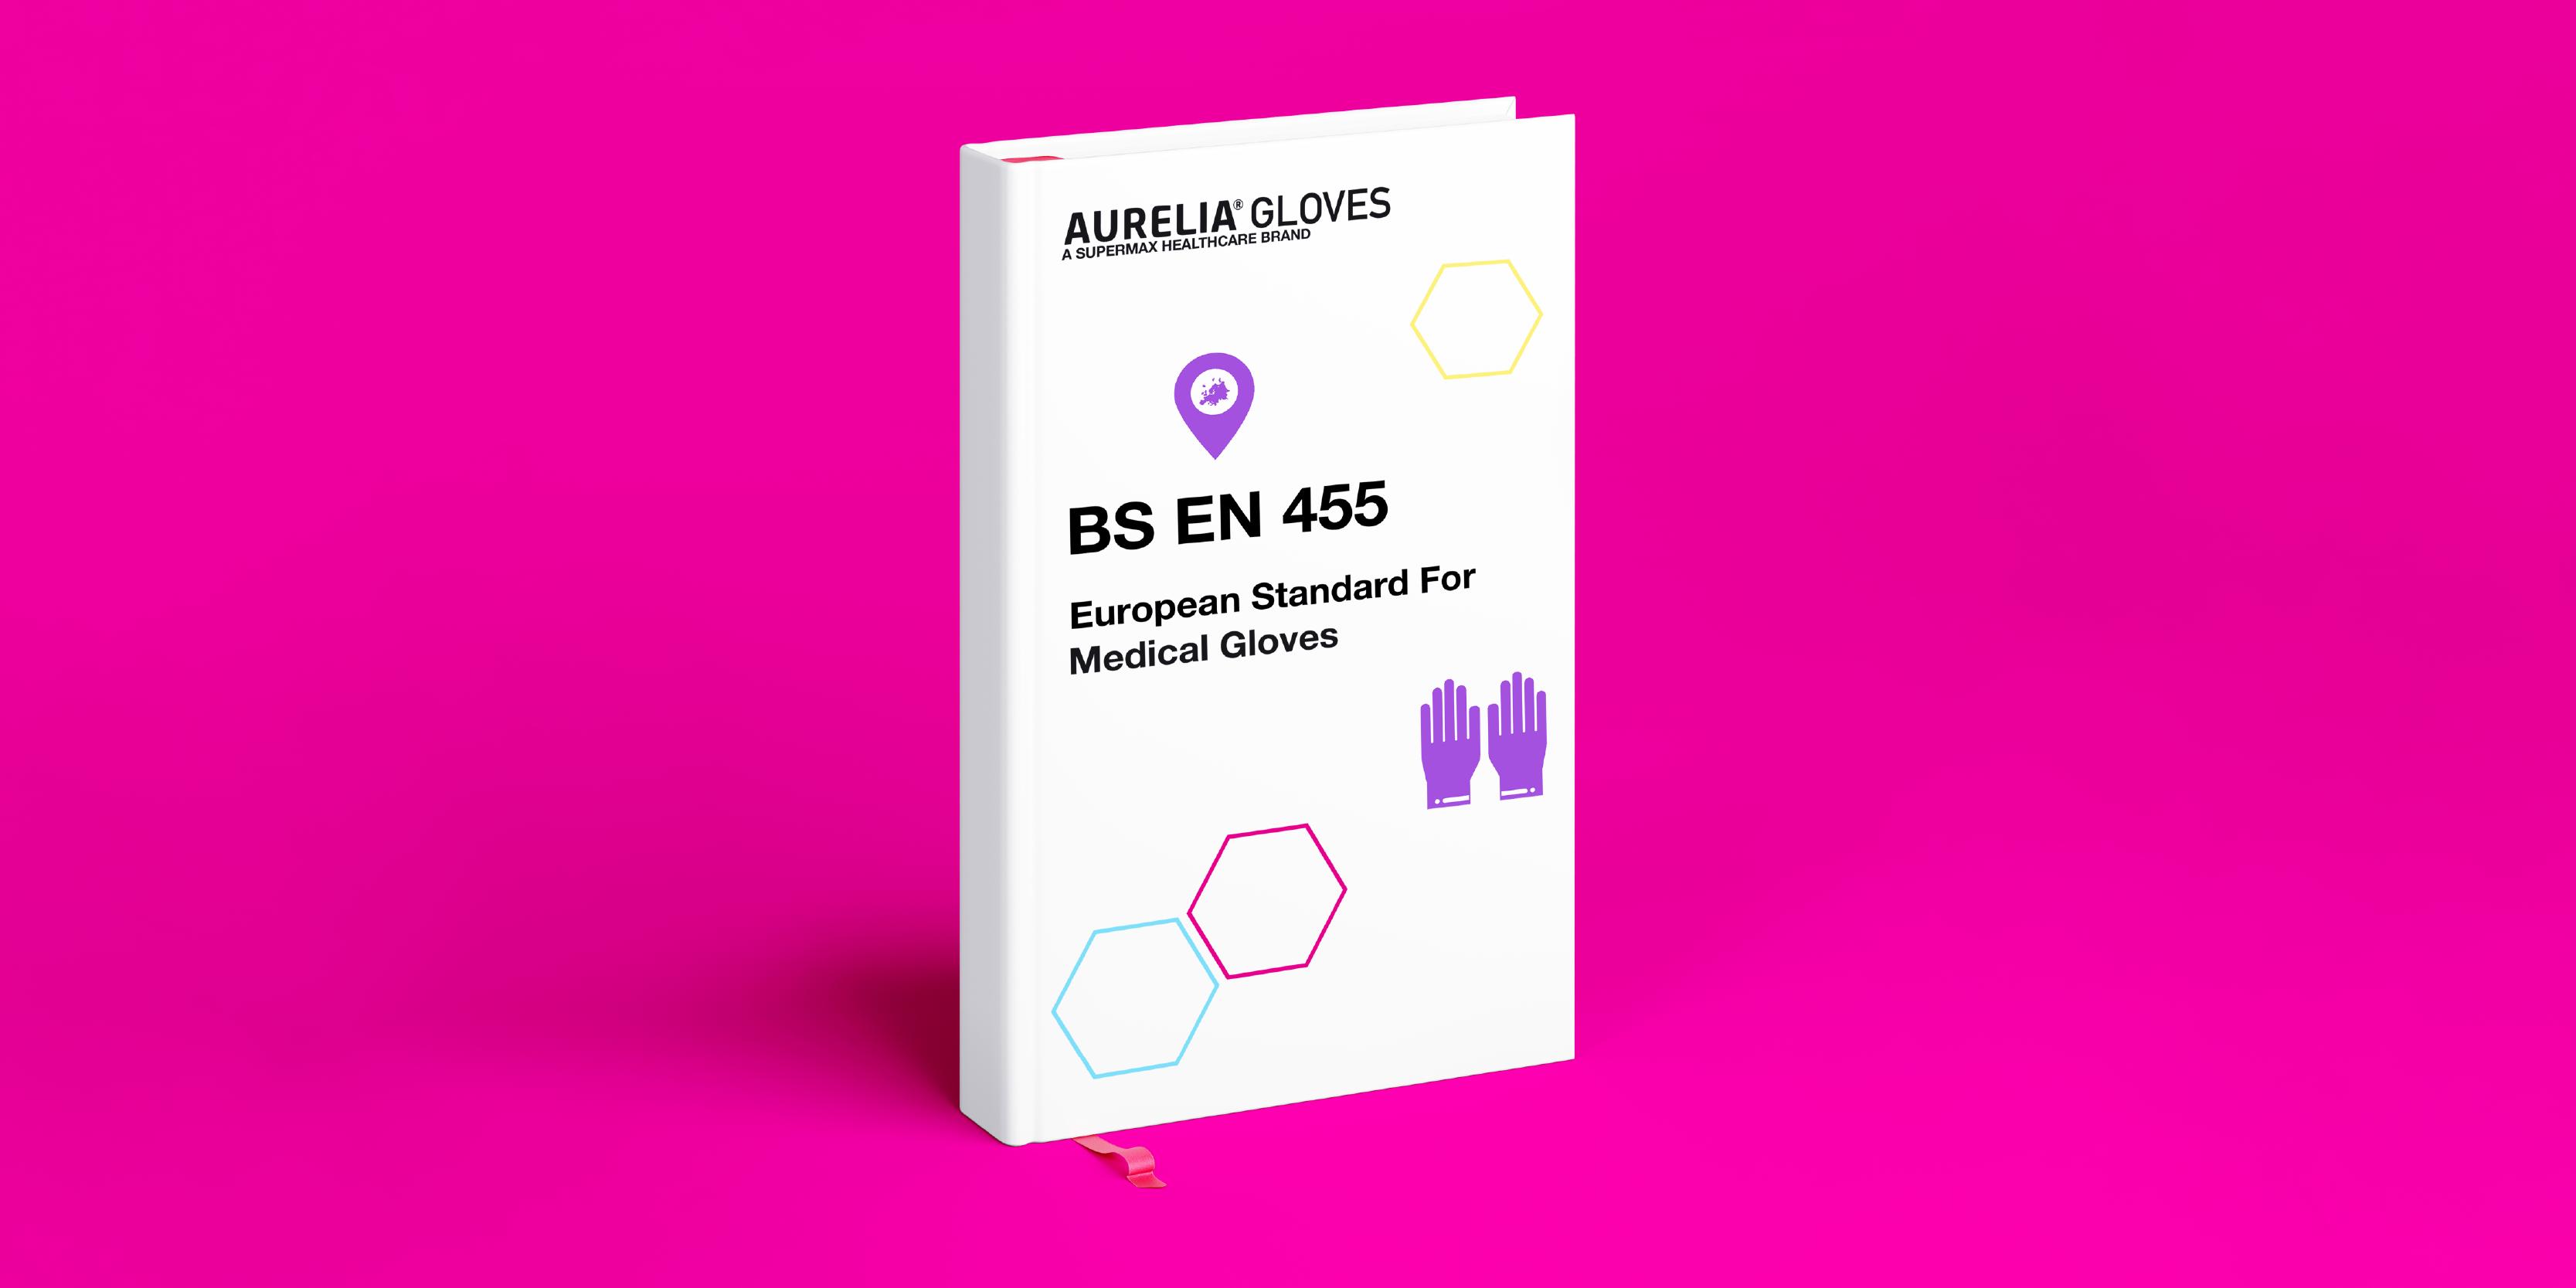 BS EN 455 – Tıbbi Eldivenler için Avrupa Standardı